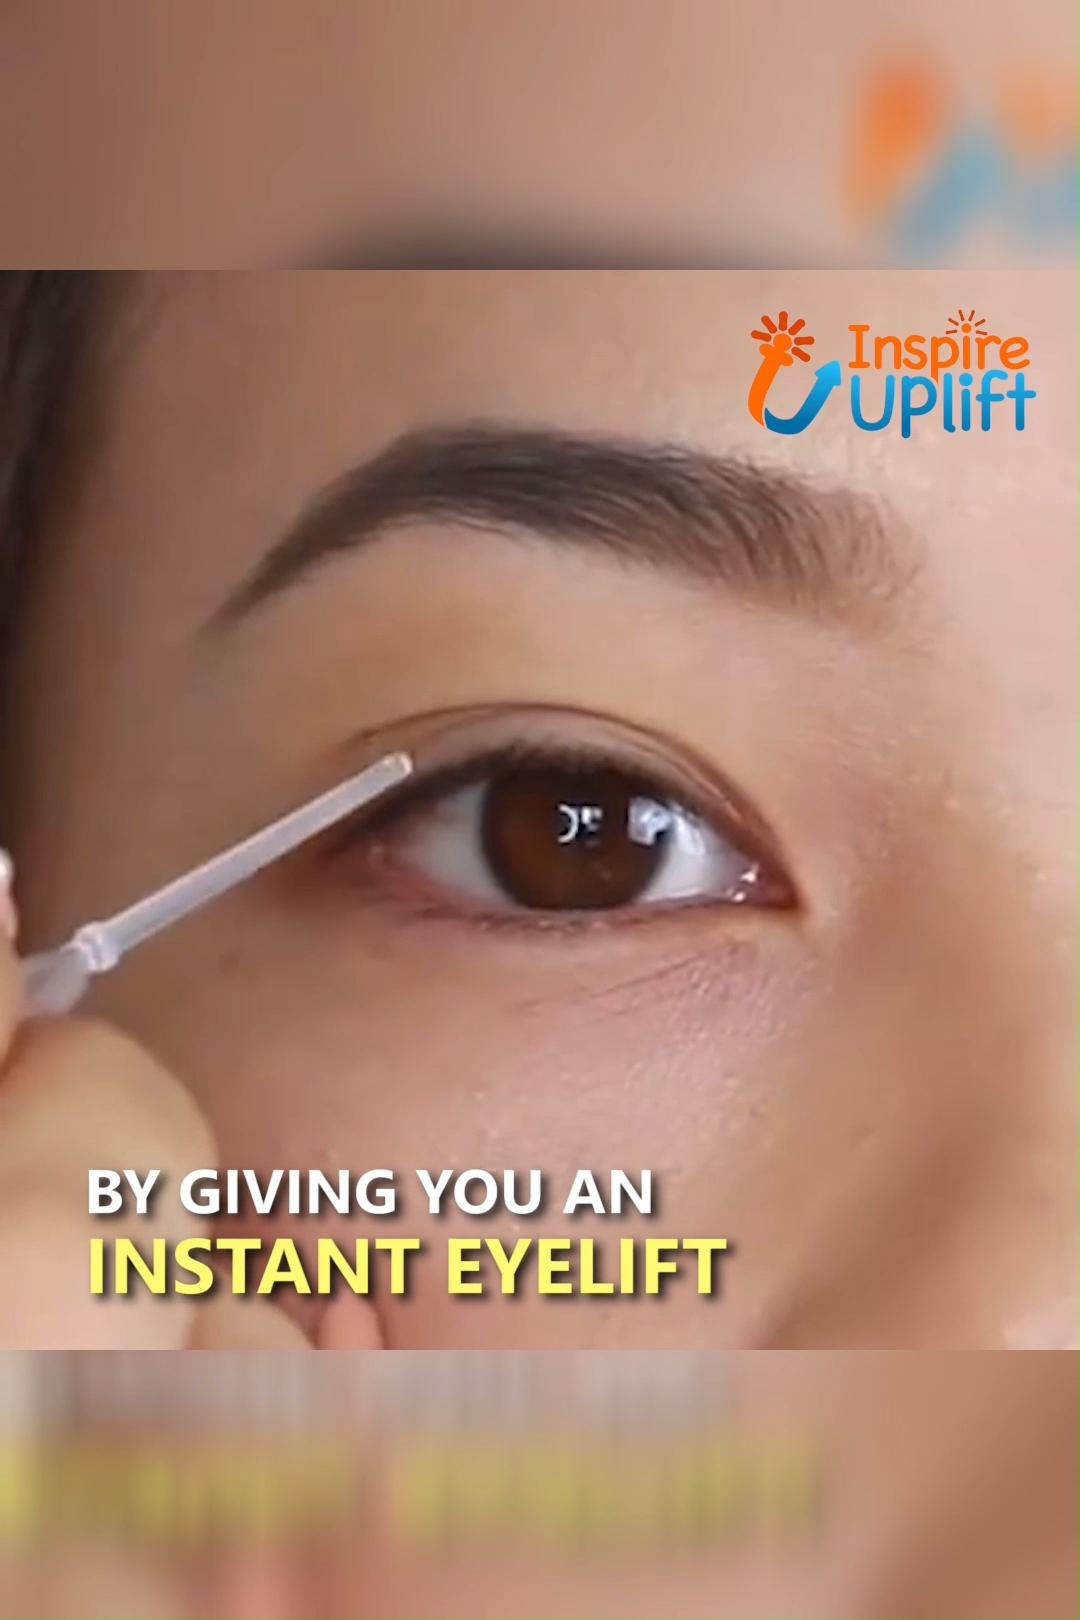 Anti-Aging Eyelid Tape - ⭐⭐⭐⭐⭐ (5/5) #eyeshaveit